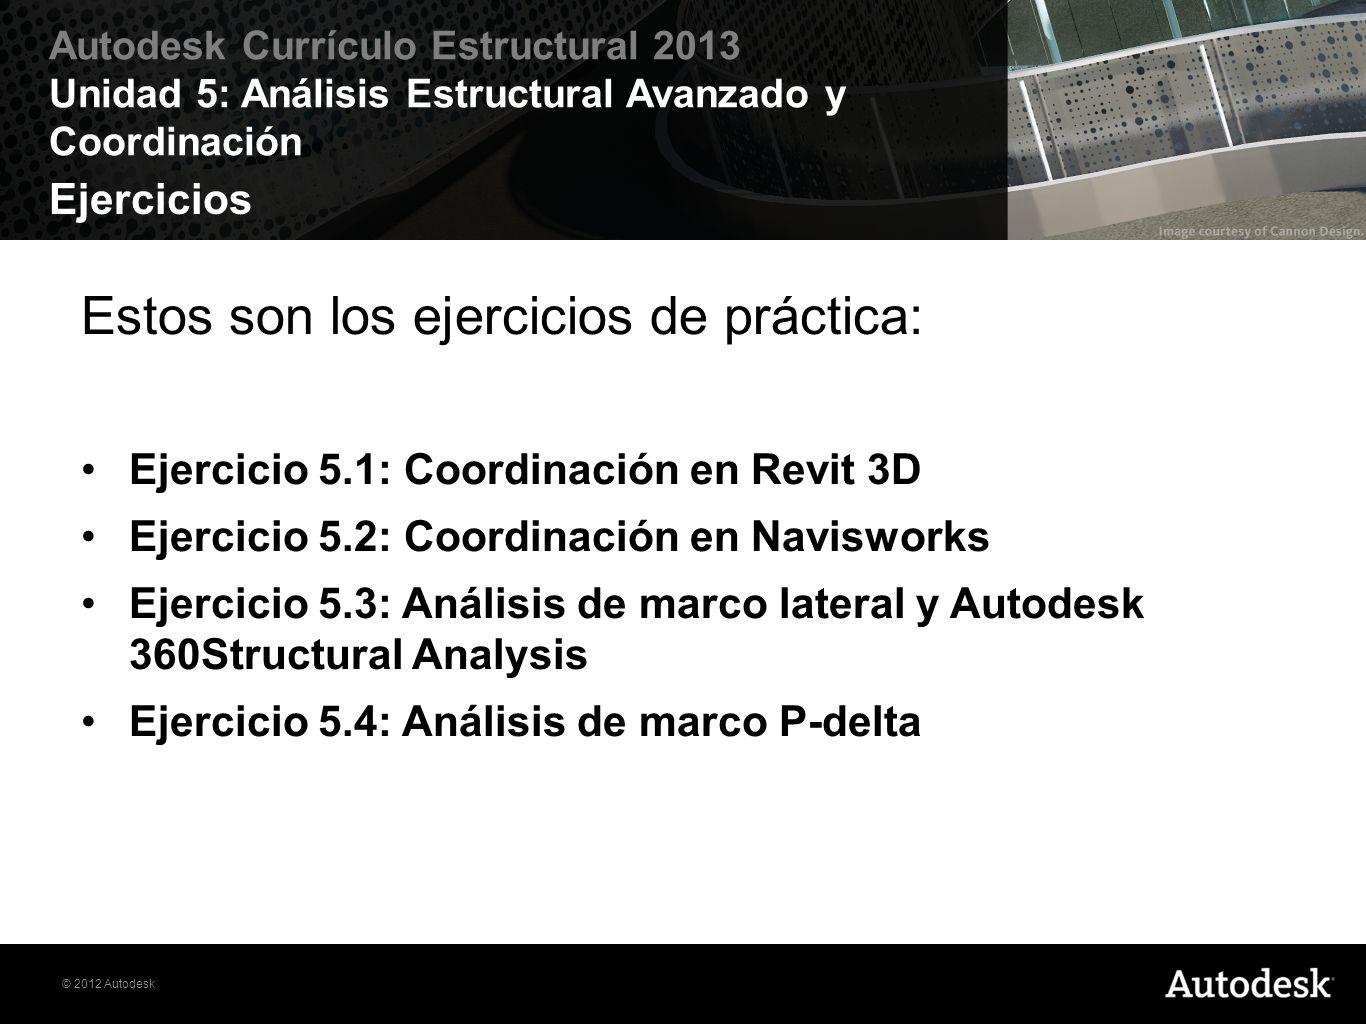 © 2012 Autodesk Autodesk Currículo Estructural 2013 Unidad 5: Análisis Estructural Avanzado y Coordinación Ejercicio 5.3: Análisis de la estructura de marco lateral y Autodesk 360 ® Structural Analysis